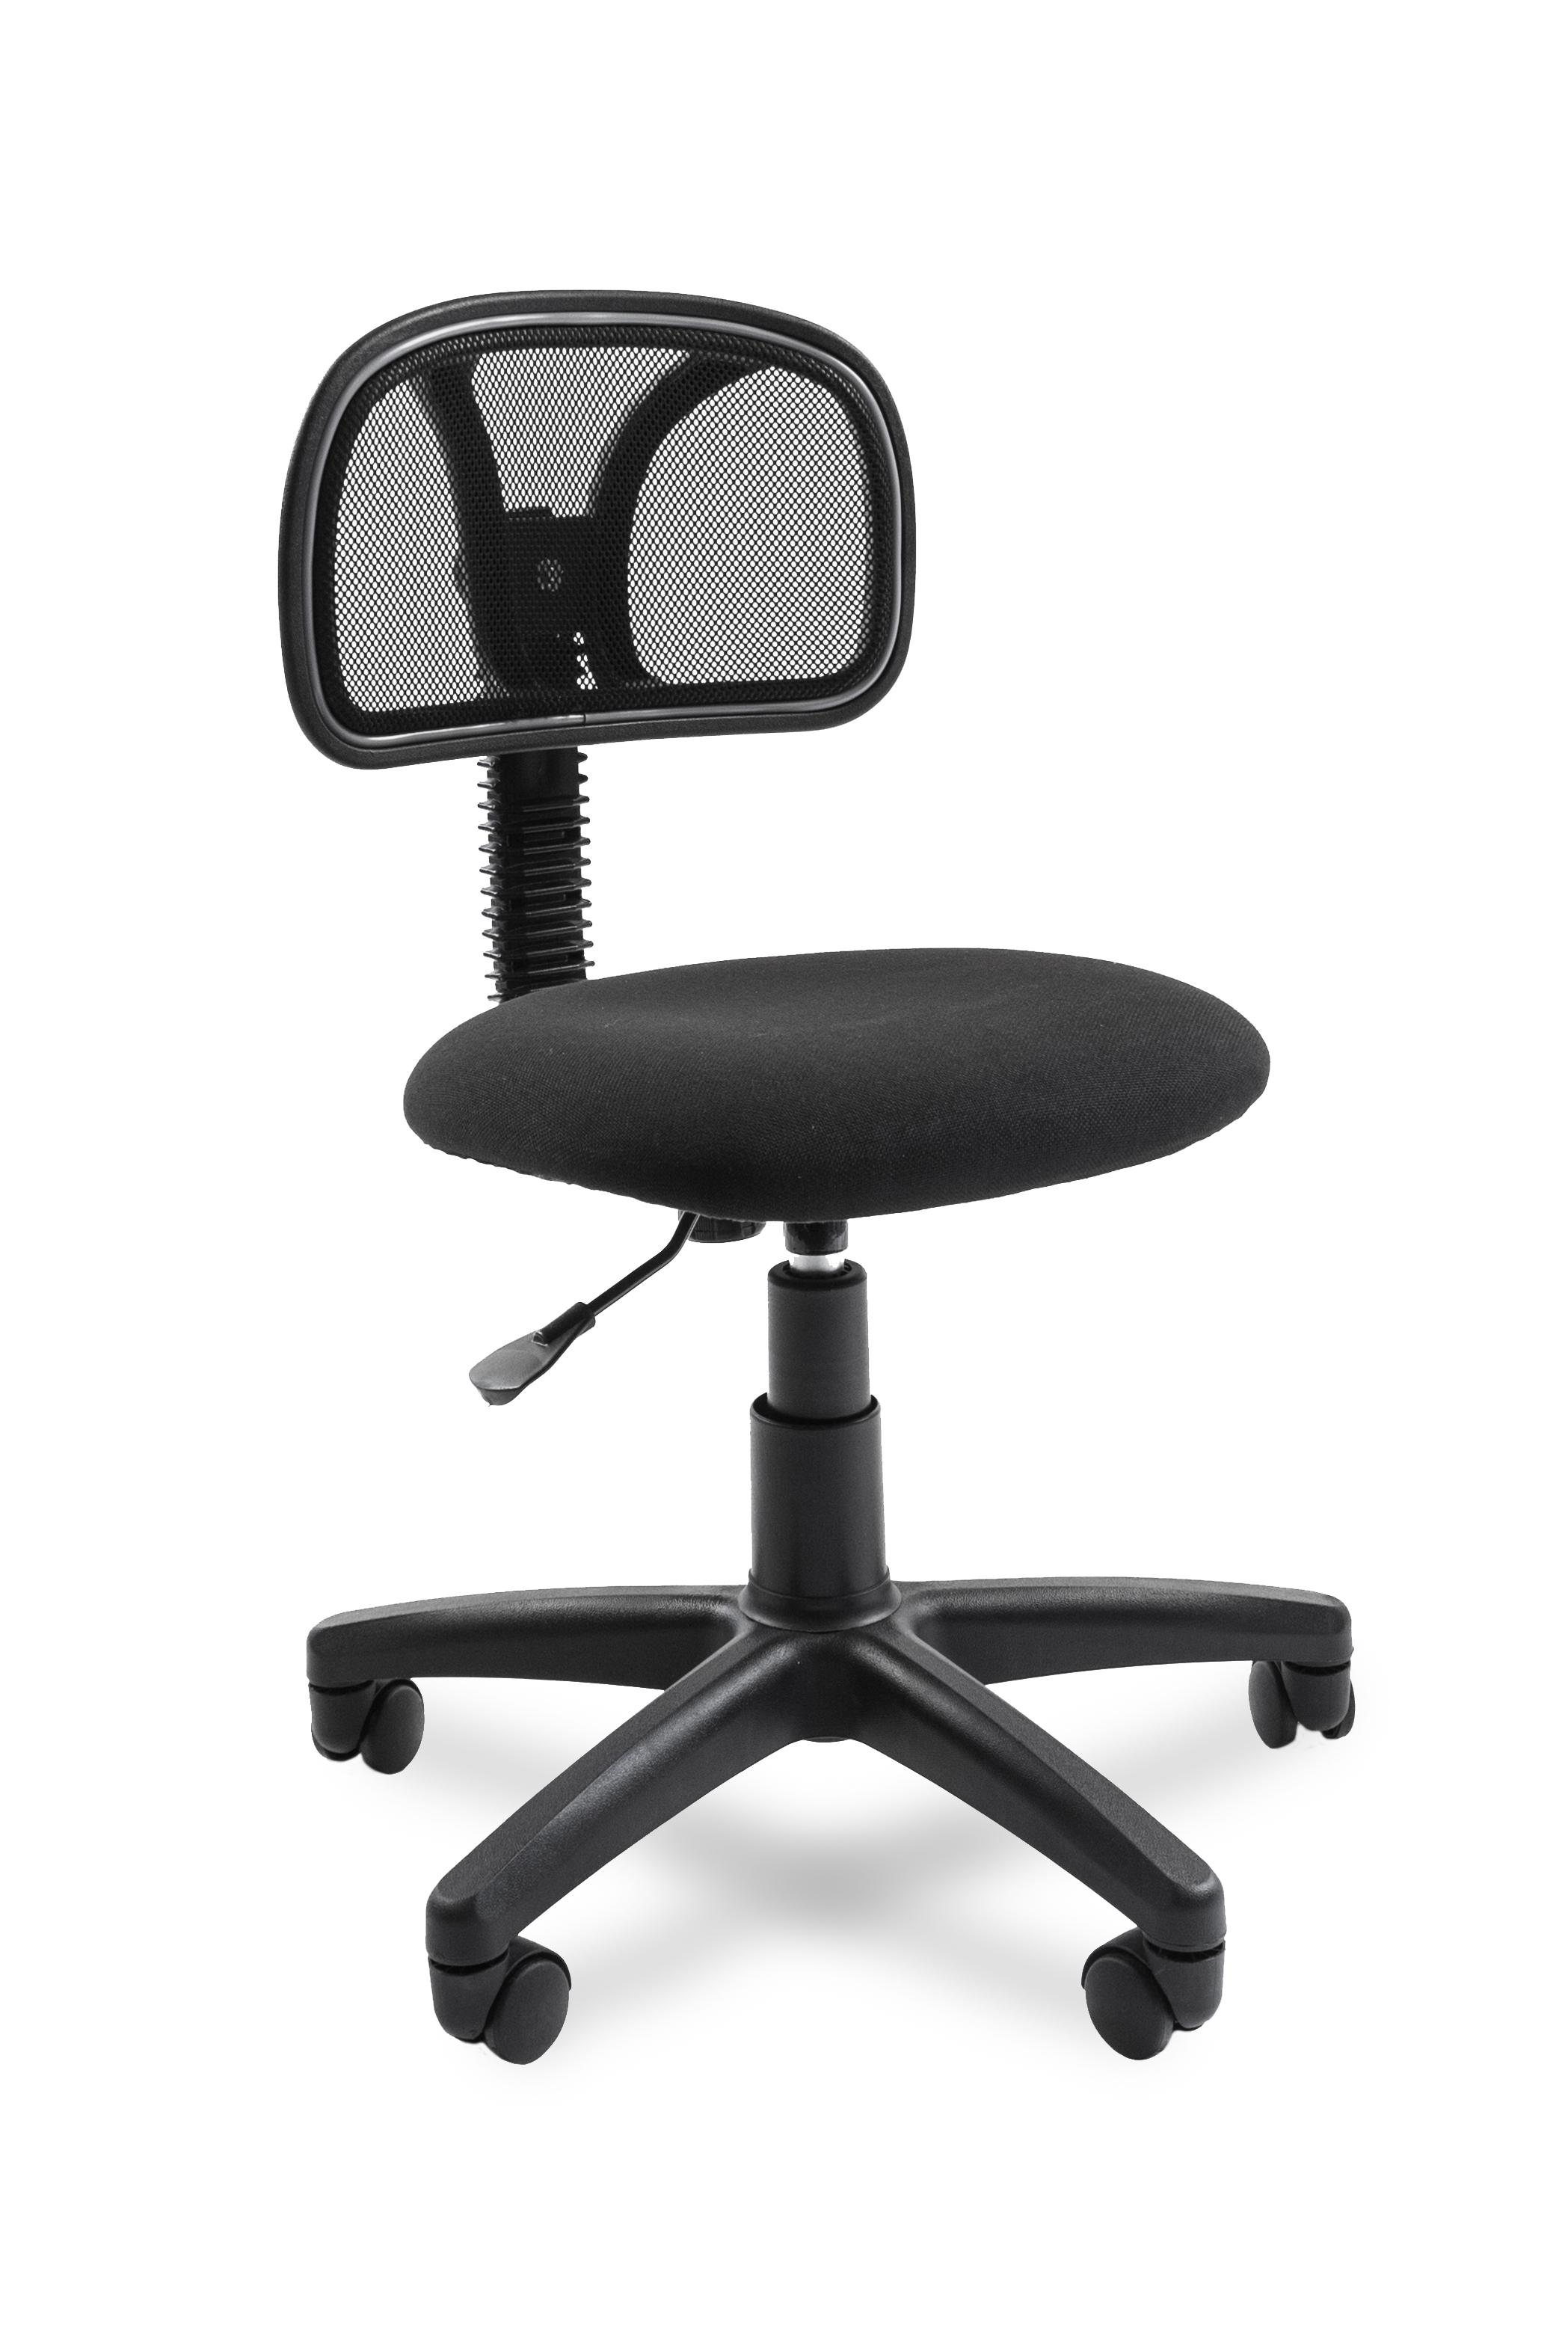 Офисное кресло CHAIRMAN 2507014780Экономичное операторское кресло. Отличительная черта - в нем нет ничего лишнего. Даже подлокотников. А в остальном - отличное, удобное и очень компактное кресло с упругой сетчатой спинкой.